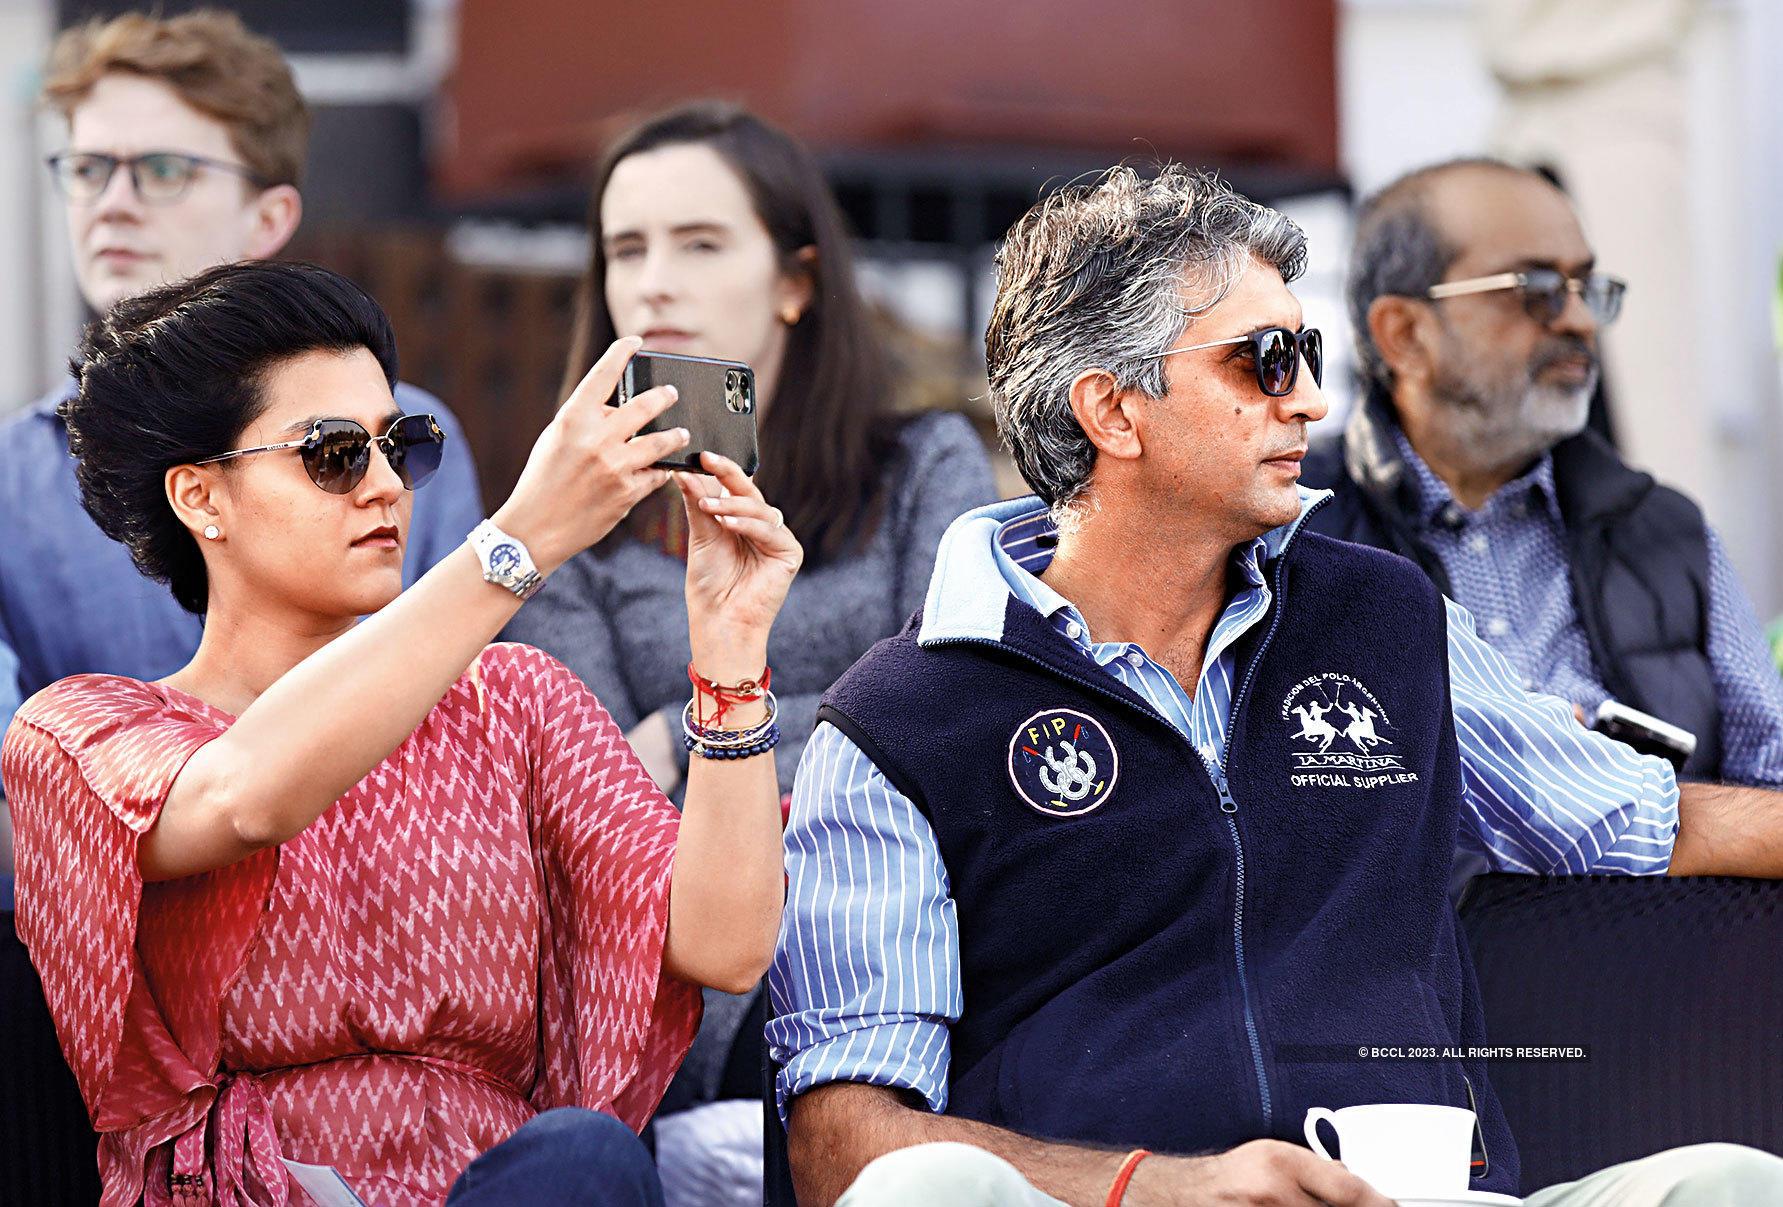 Mriganka Kumari Singh and Angad Kalan